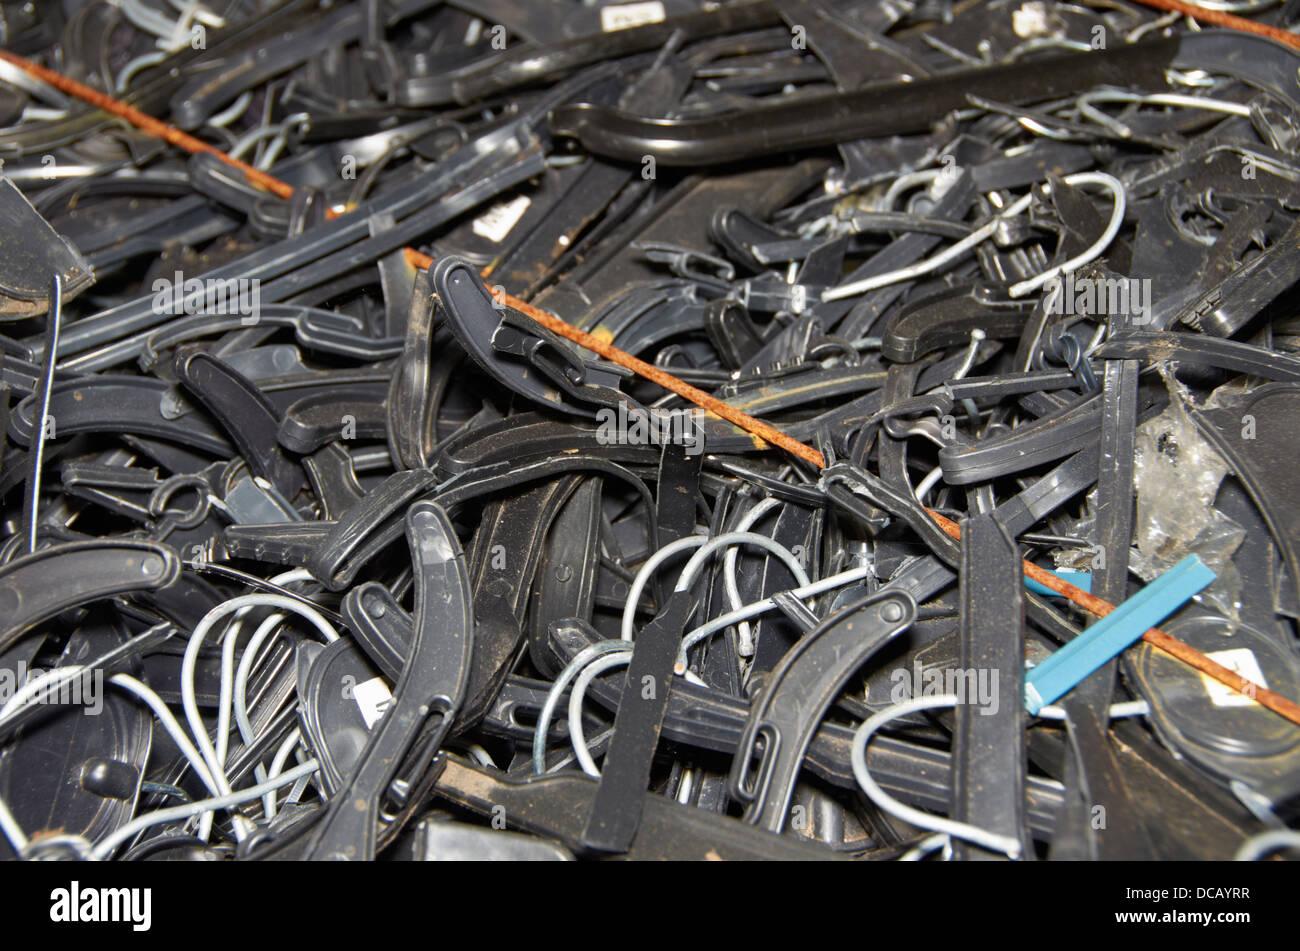 old black plastic coat hangers Stock Photo: 59248331 - Alamy